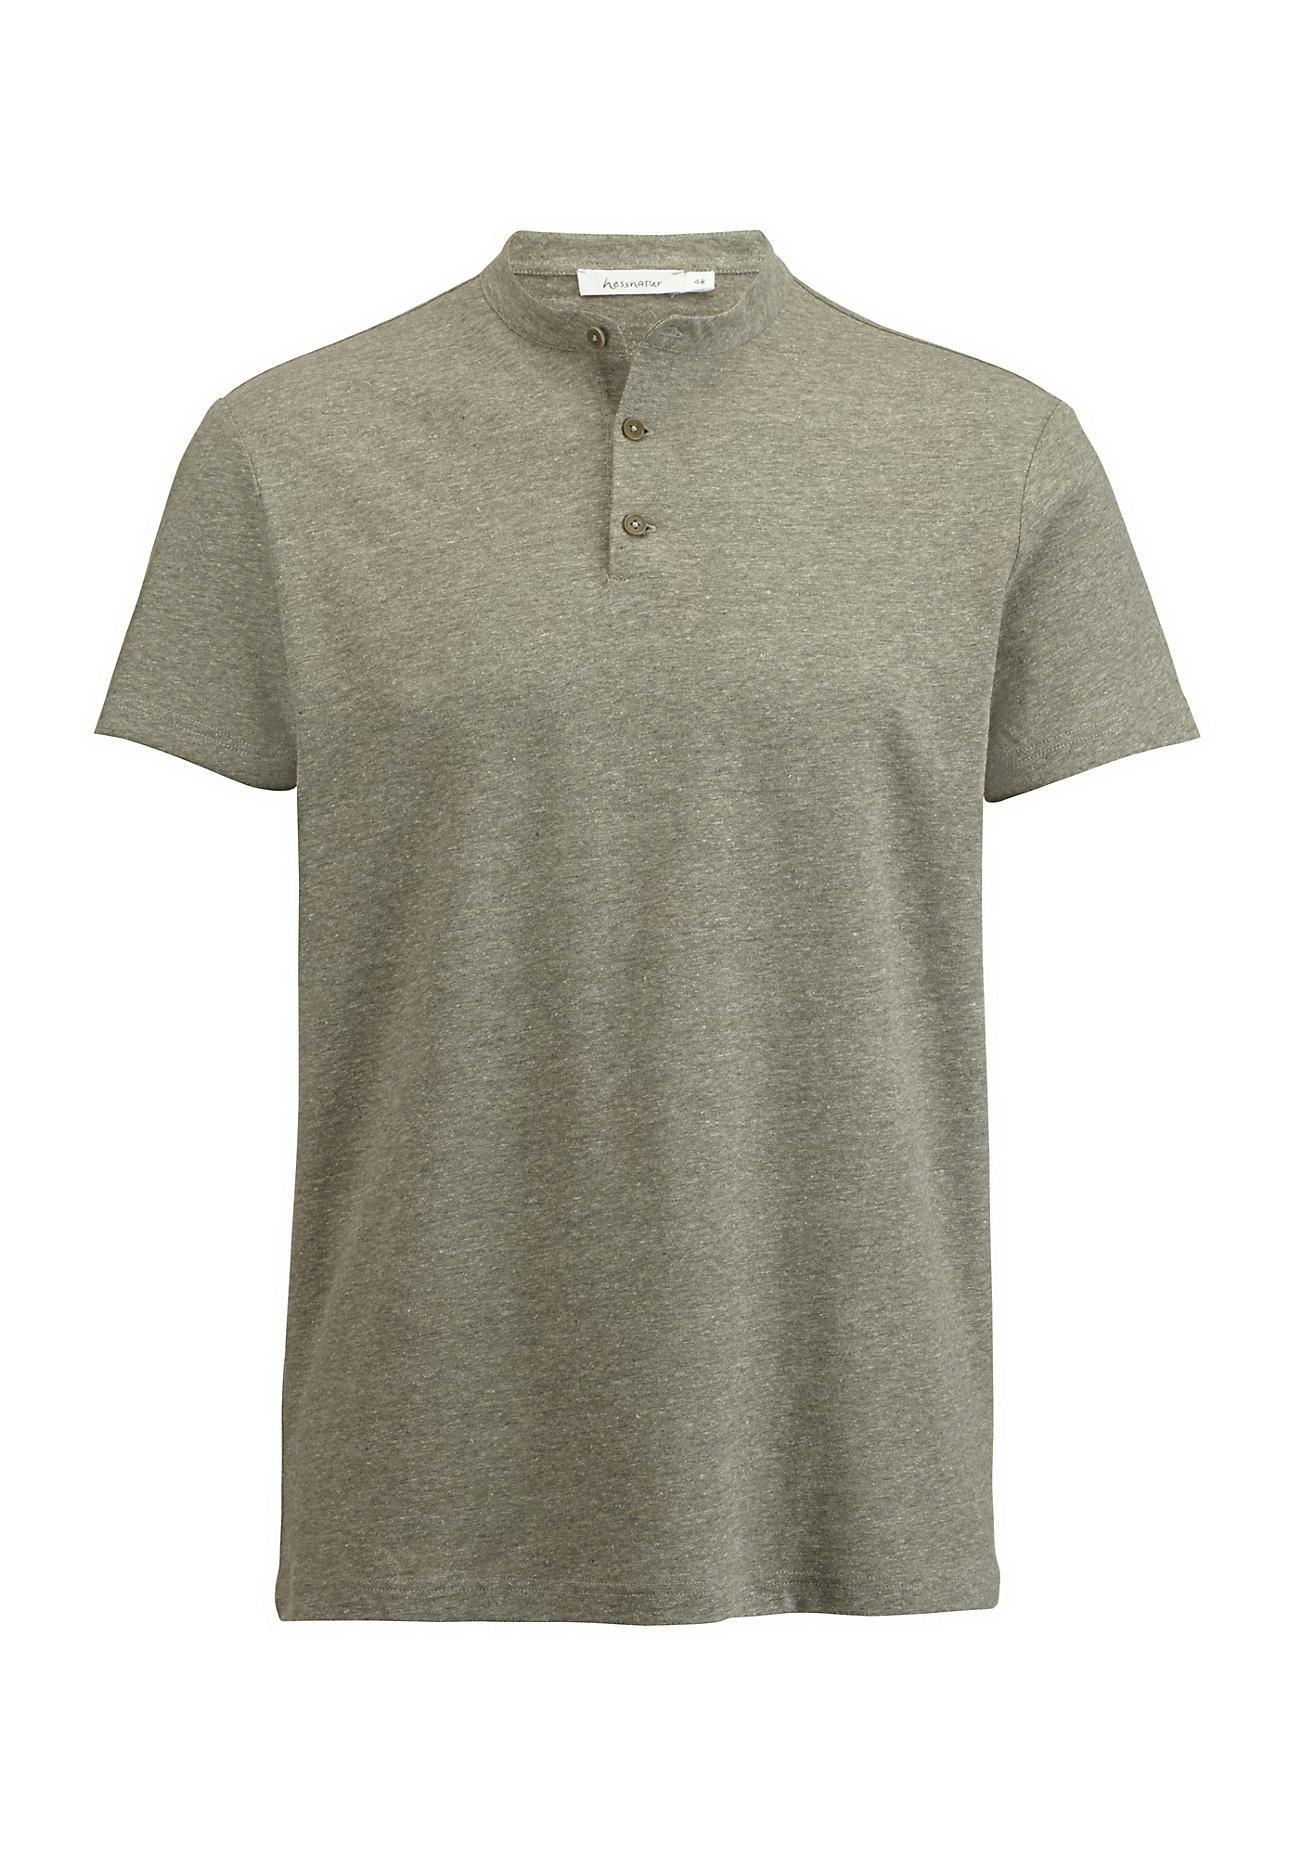 hessnatur Herren Stehkragen-Shirt aus Bio-Baumwolle mit Leinen – grün – Größe 48